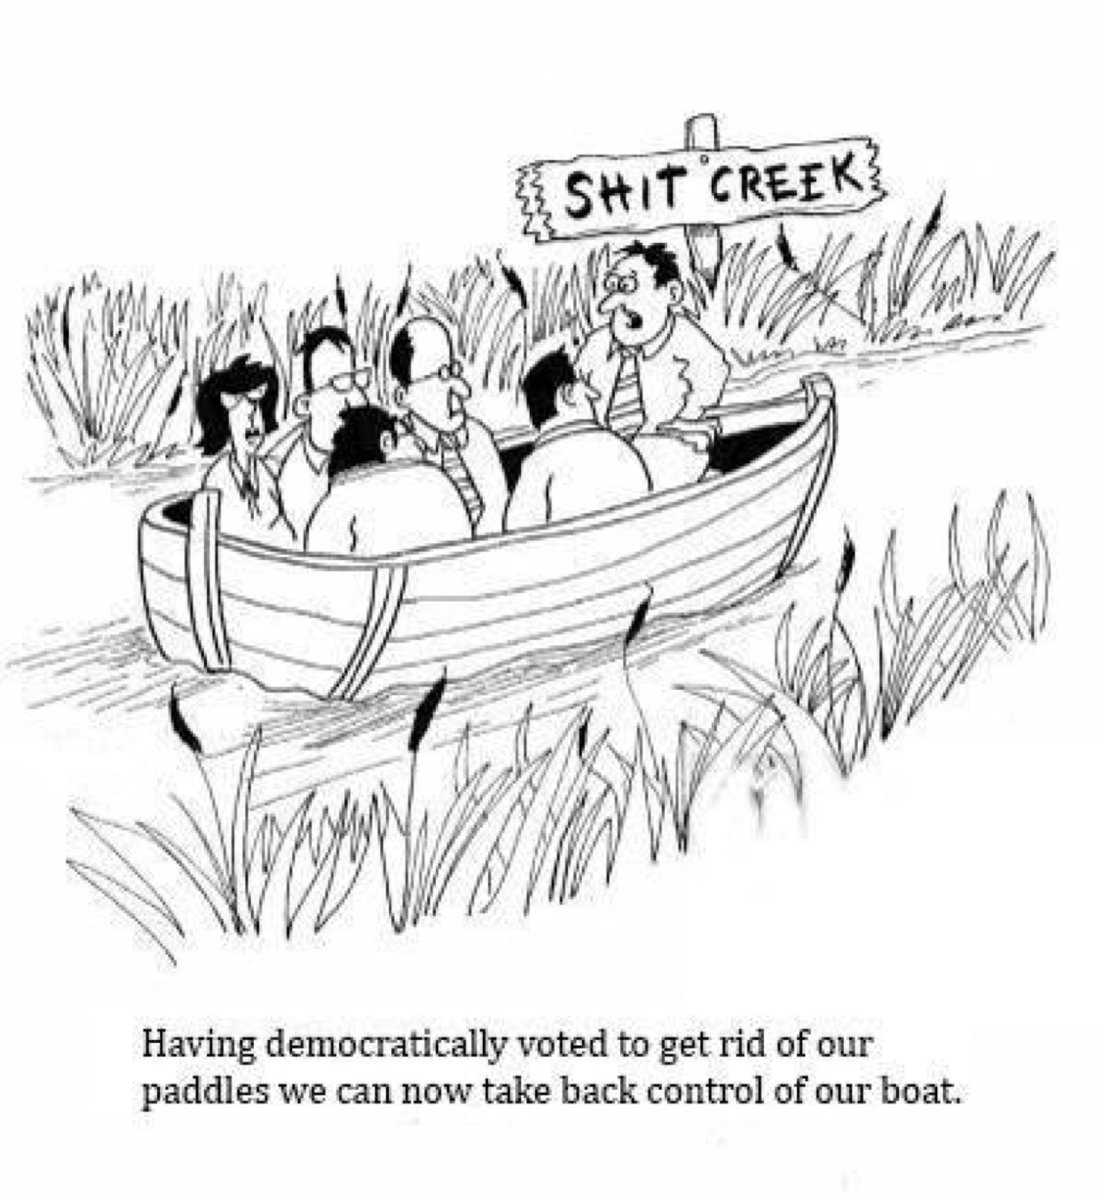 A fair summing up…